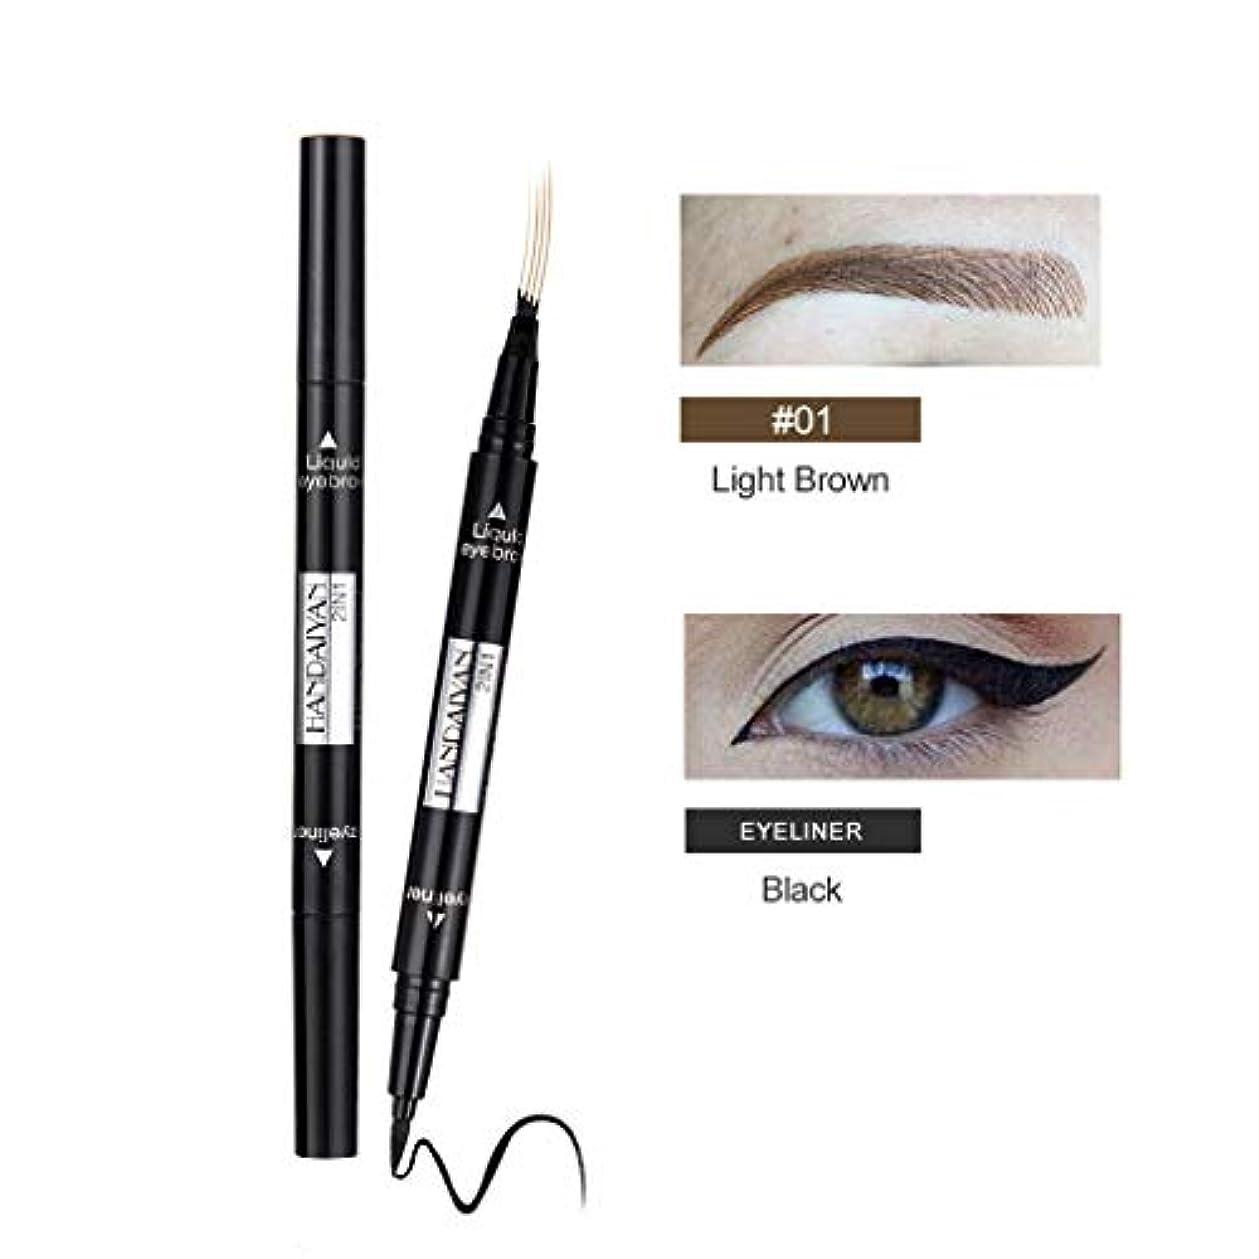 管理者シーサイドカード眉毛の入れ墨のペンの防水フォークの先端のスケッチの化粧ペンのMicrobladingインクスケッチ